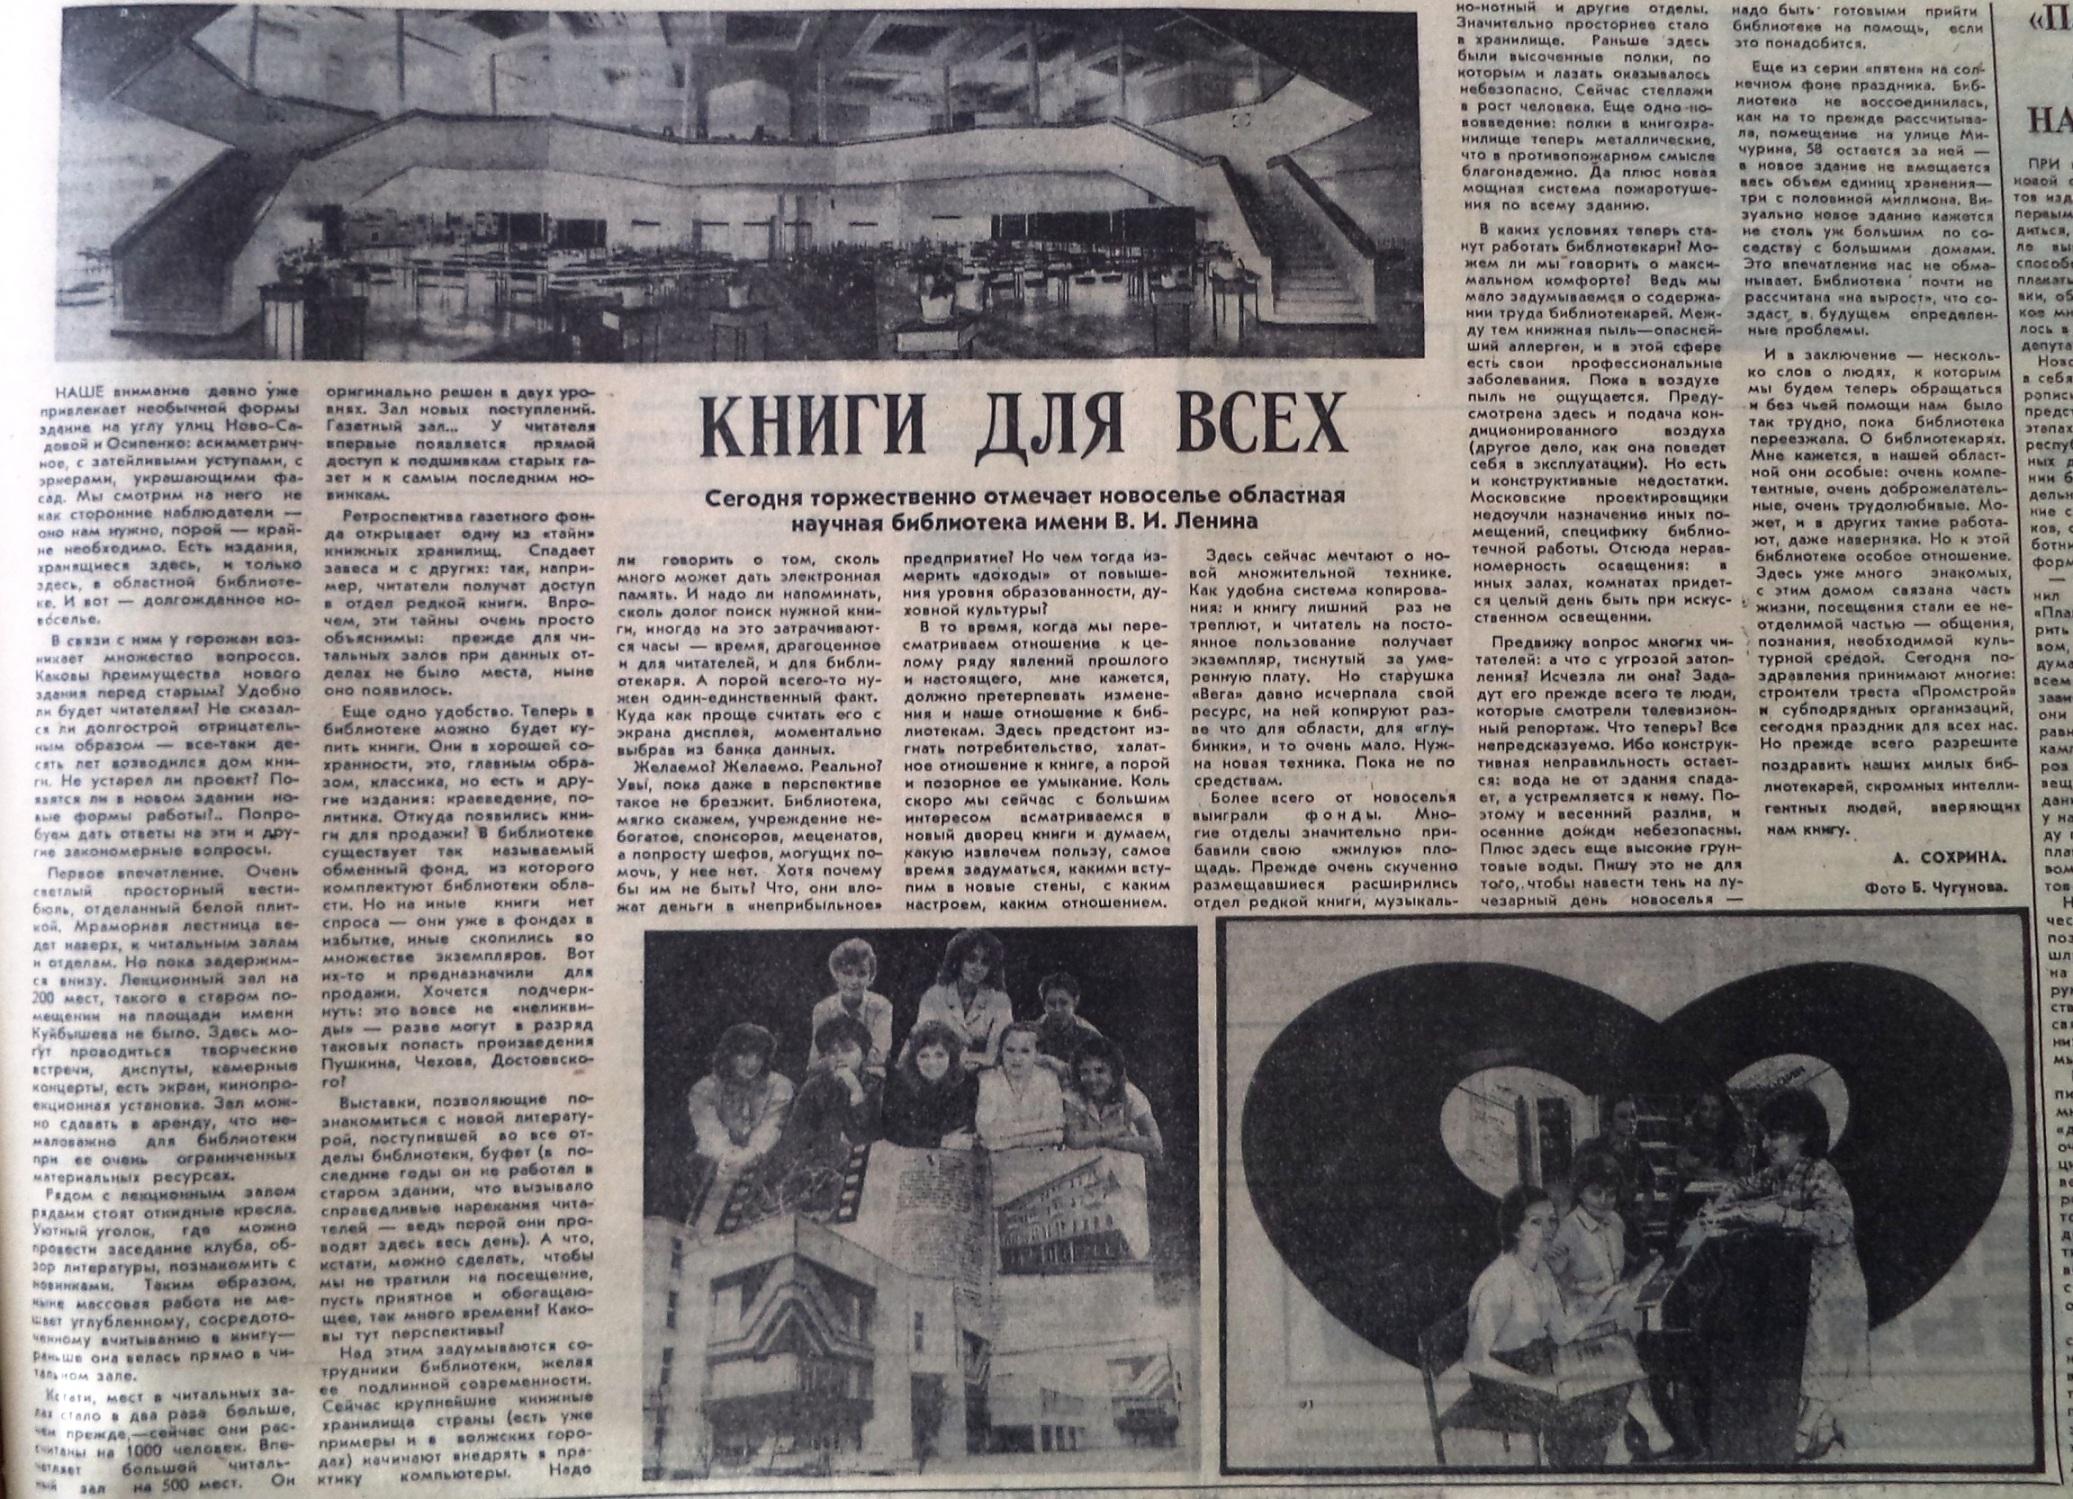 ФОТО-35-Ленина-ВЗя-1989-09-01-новоселье Обл. библ.